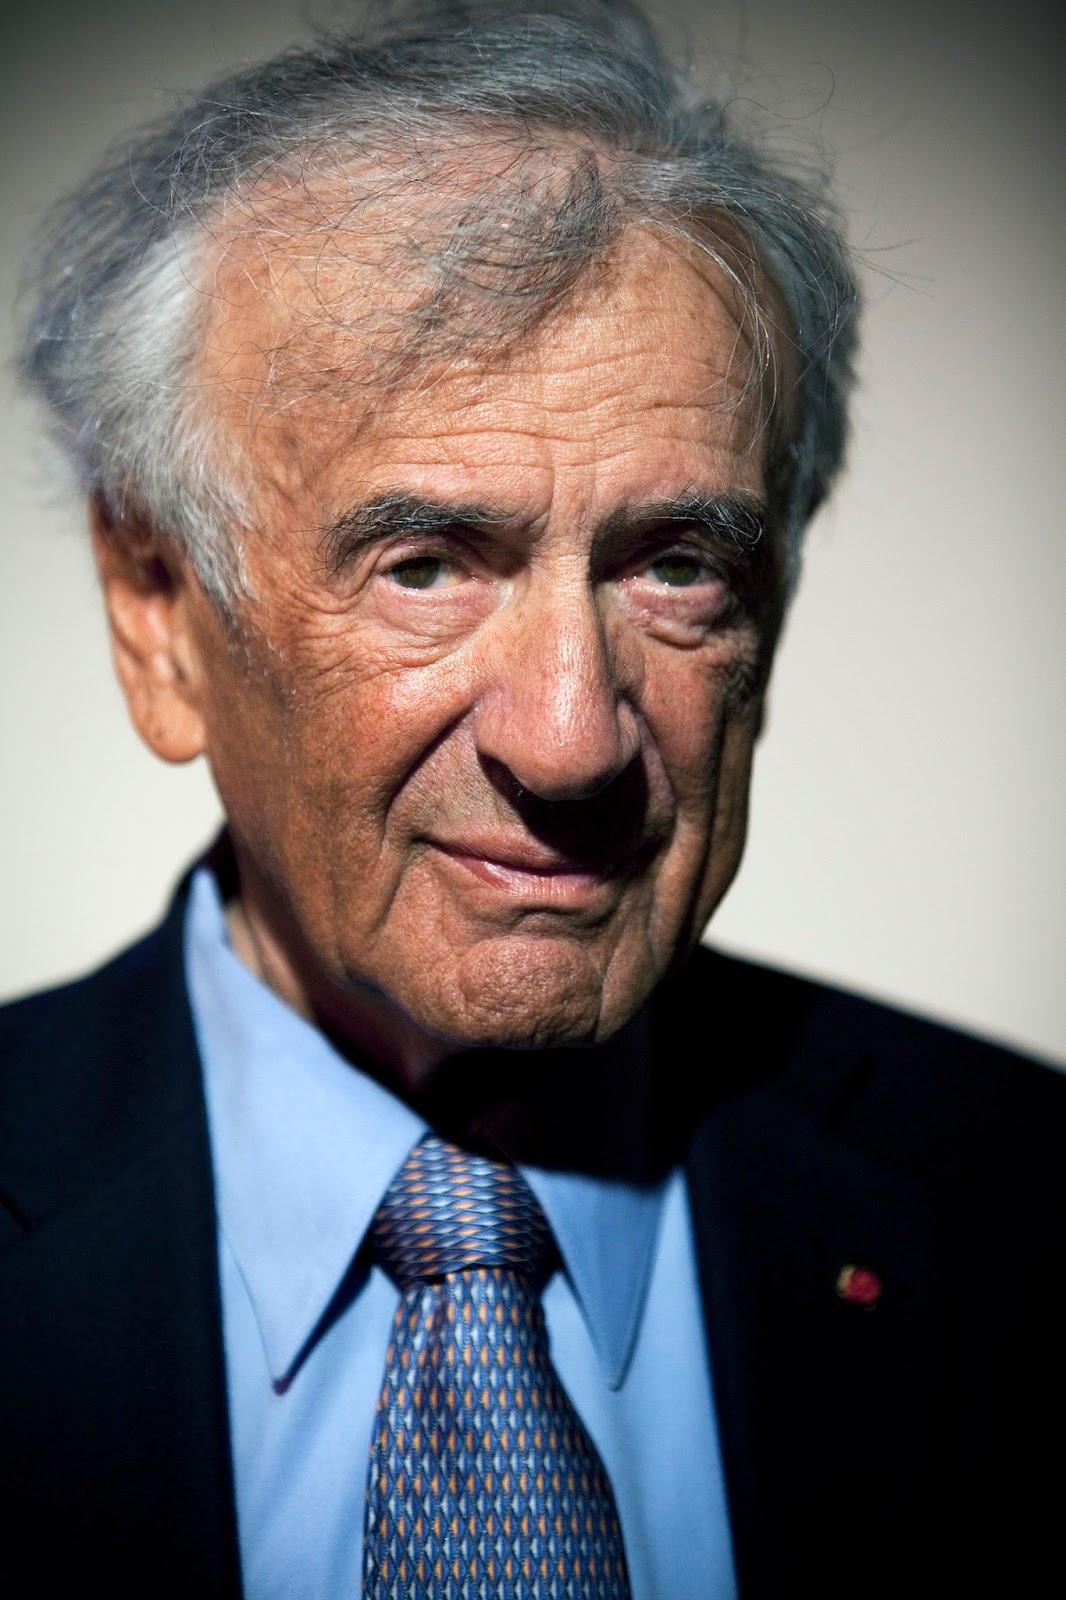 Abu Pessoptimist Elie Wiesel De Holocaust Overlevende Van Zijn Voetstuk Viel